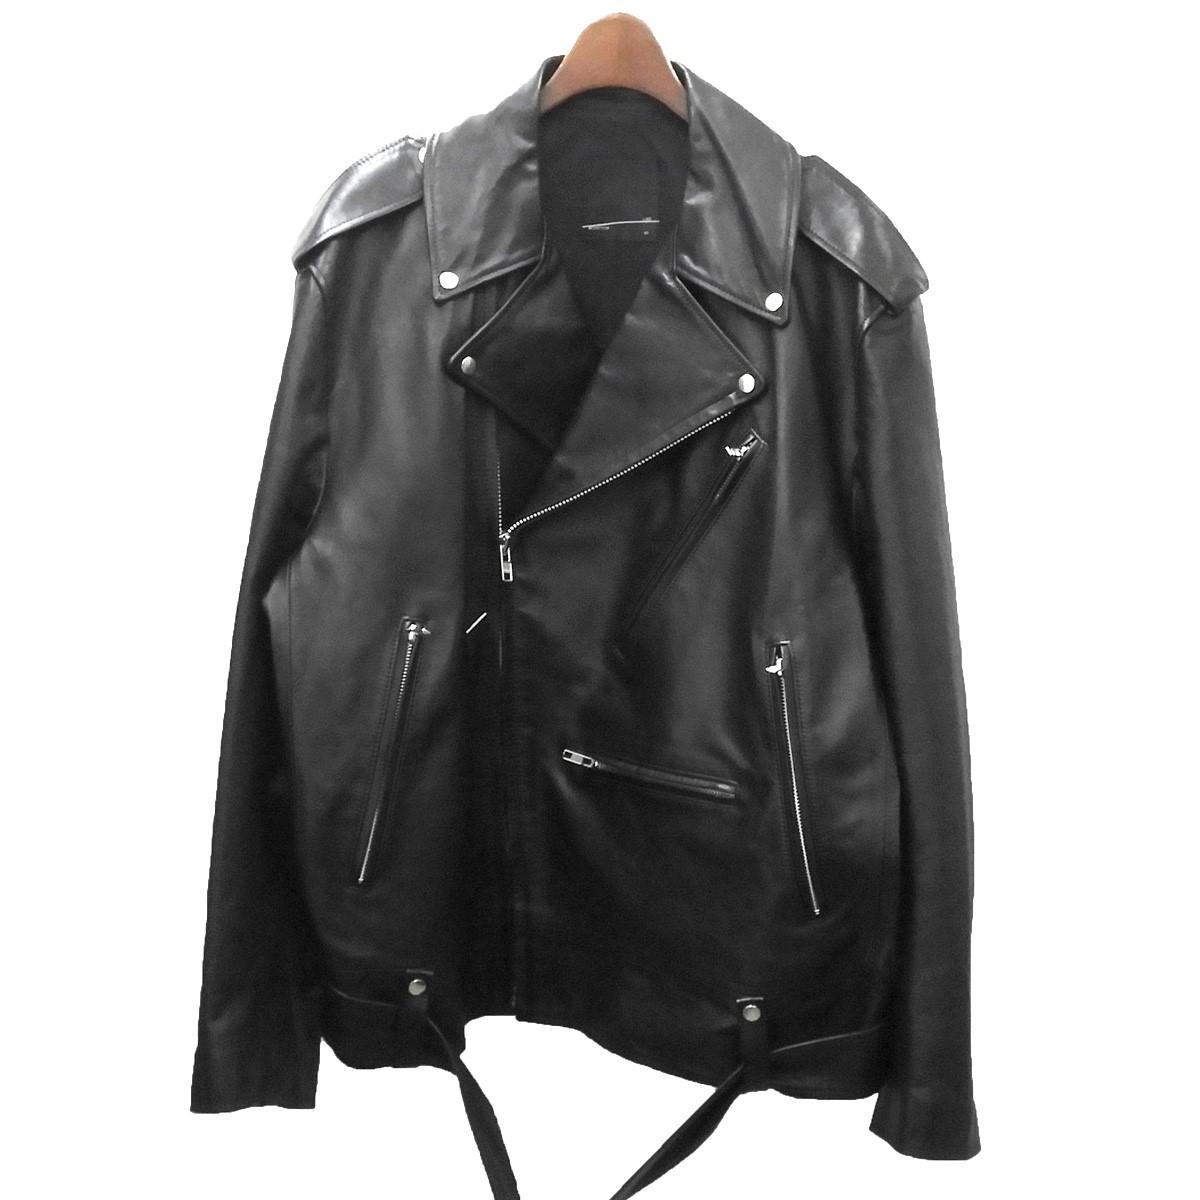 【中古】LAD MUSICIAN オーバーサイズレザーダブルライダースジャケット ブラック サイズ:44 【050520】(ラッドミュージシャン)